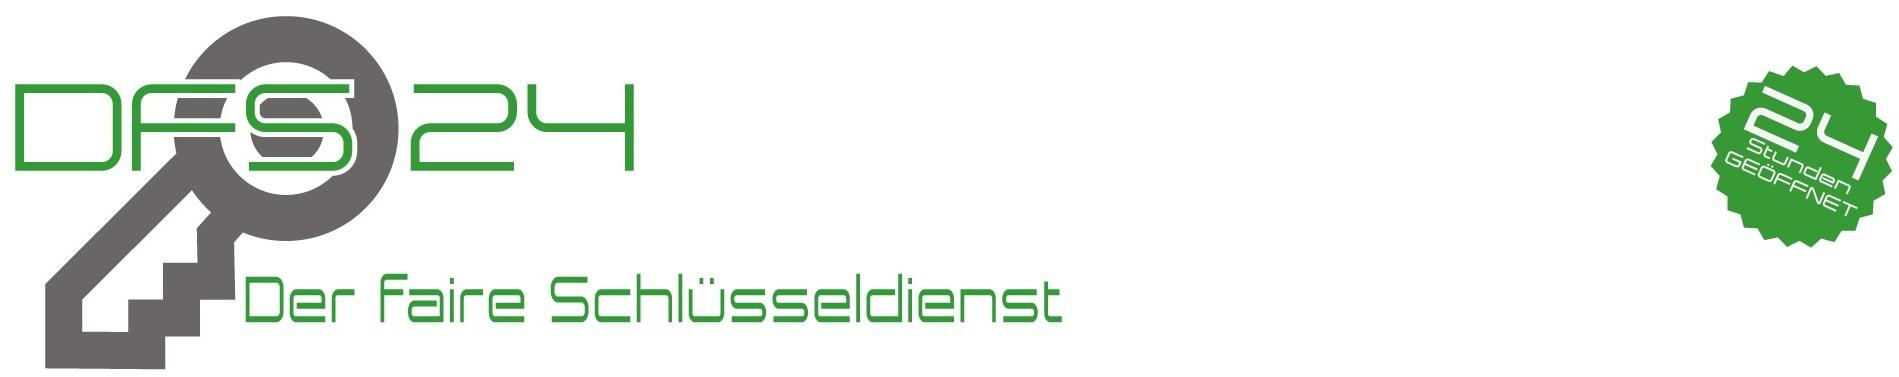 schlüsseldienst wesel logo